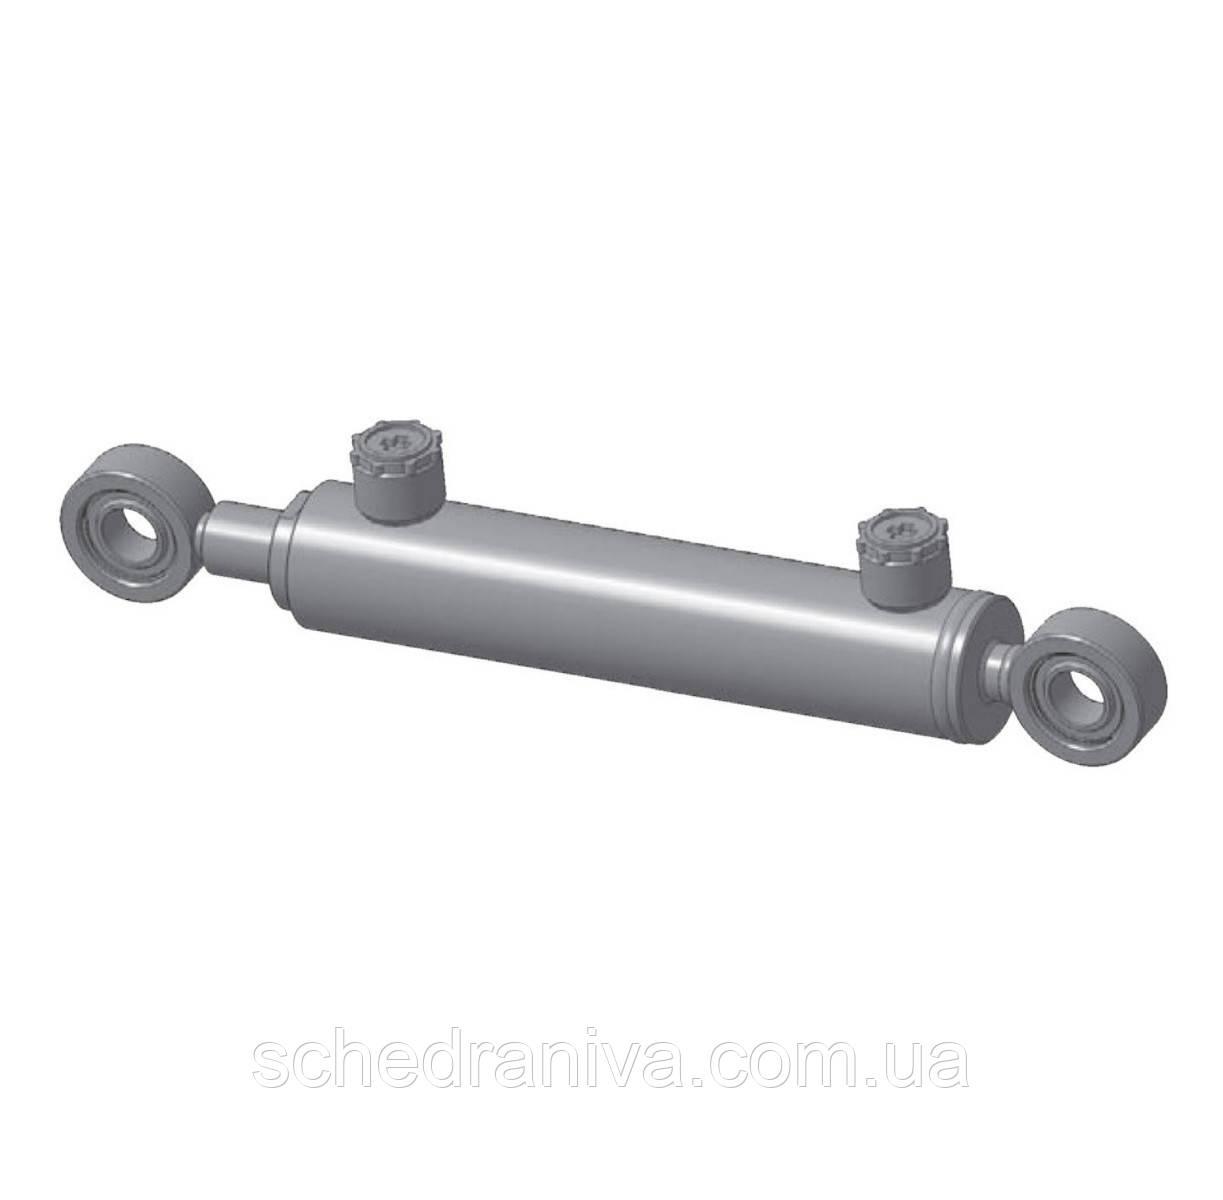 Гідроциліндр МС 40/25х160-4.11 (350) п-во Гідросила